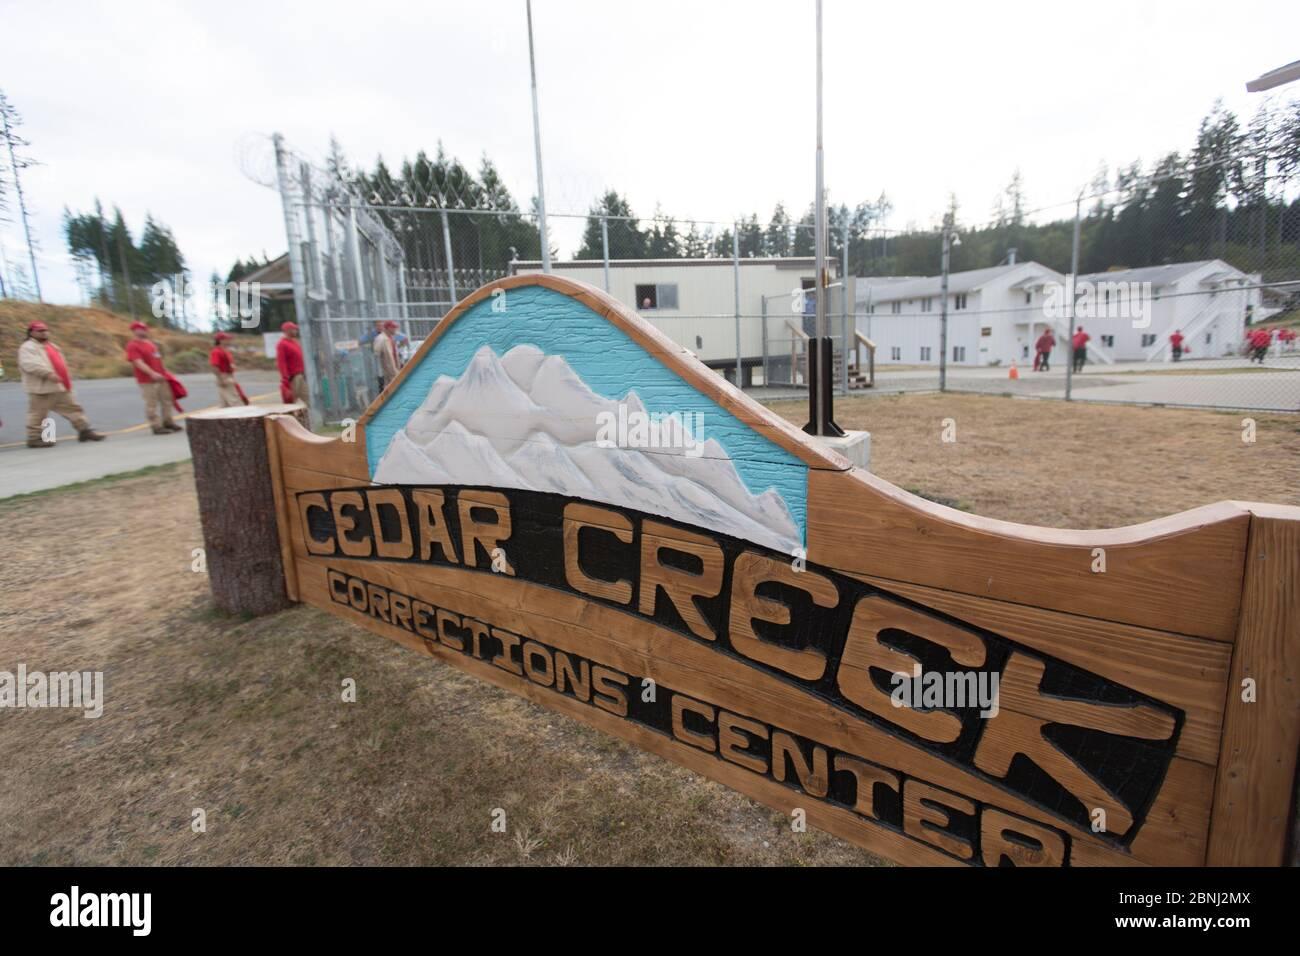 Cedar Creek correction Centre, qui fait partie des projets de durabilité dans les prisons, qui élèvent des espèces en voie de disparition comme la grenouille maculée de l'Oregon (Rana Banque D'Images